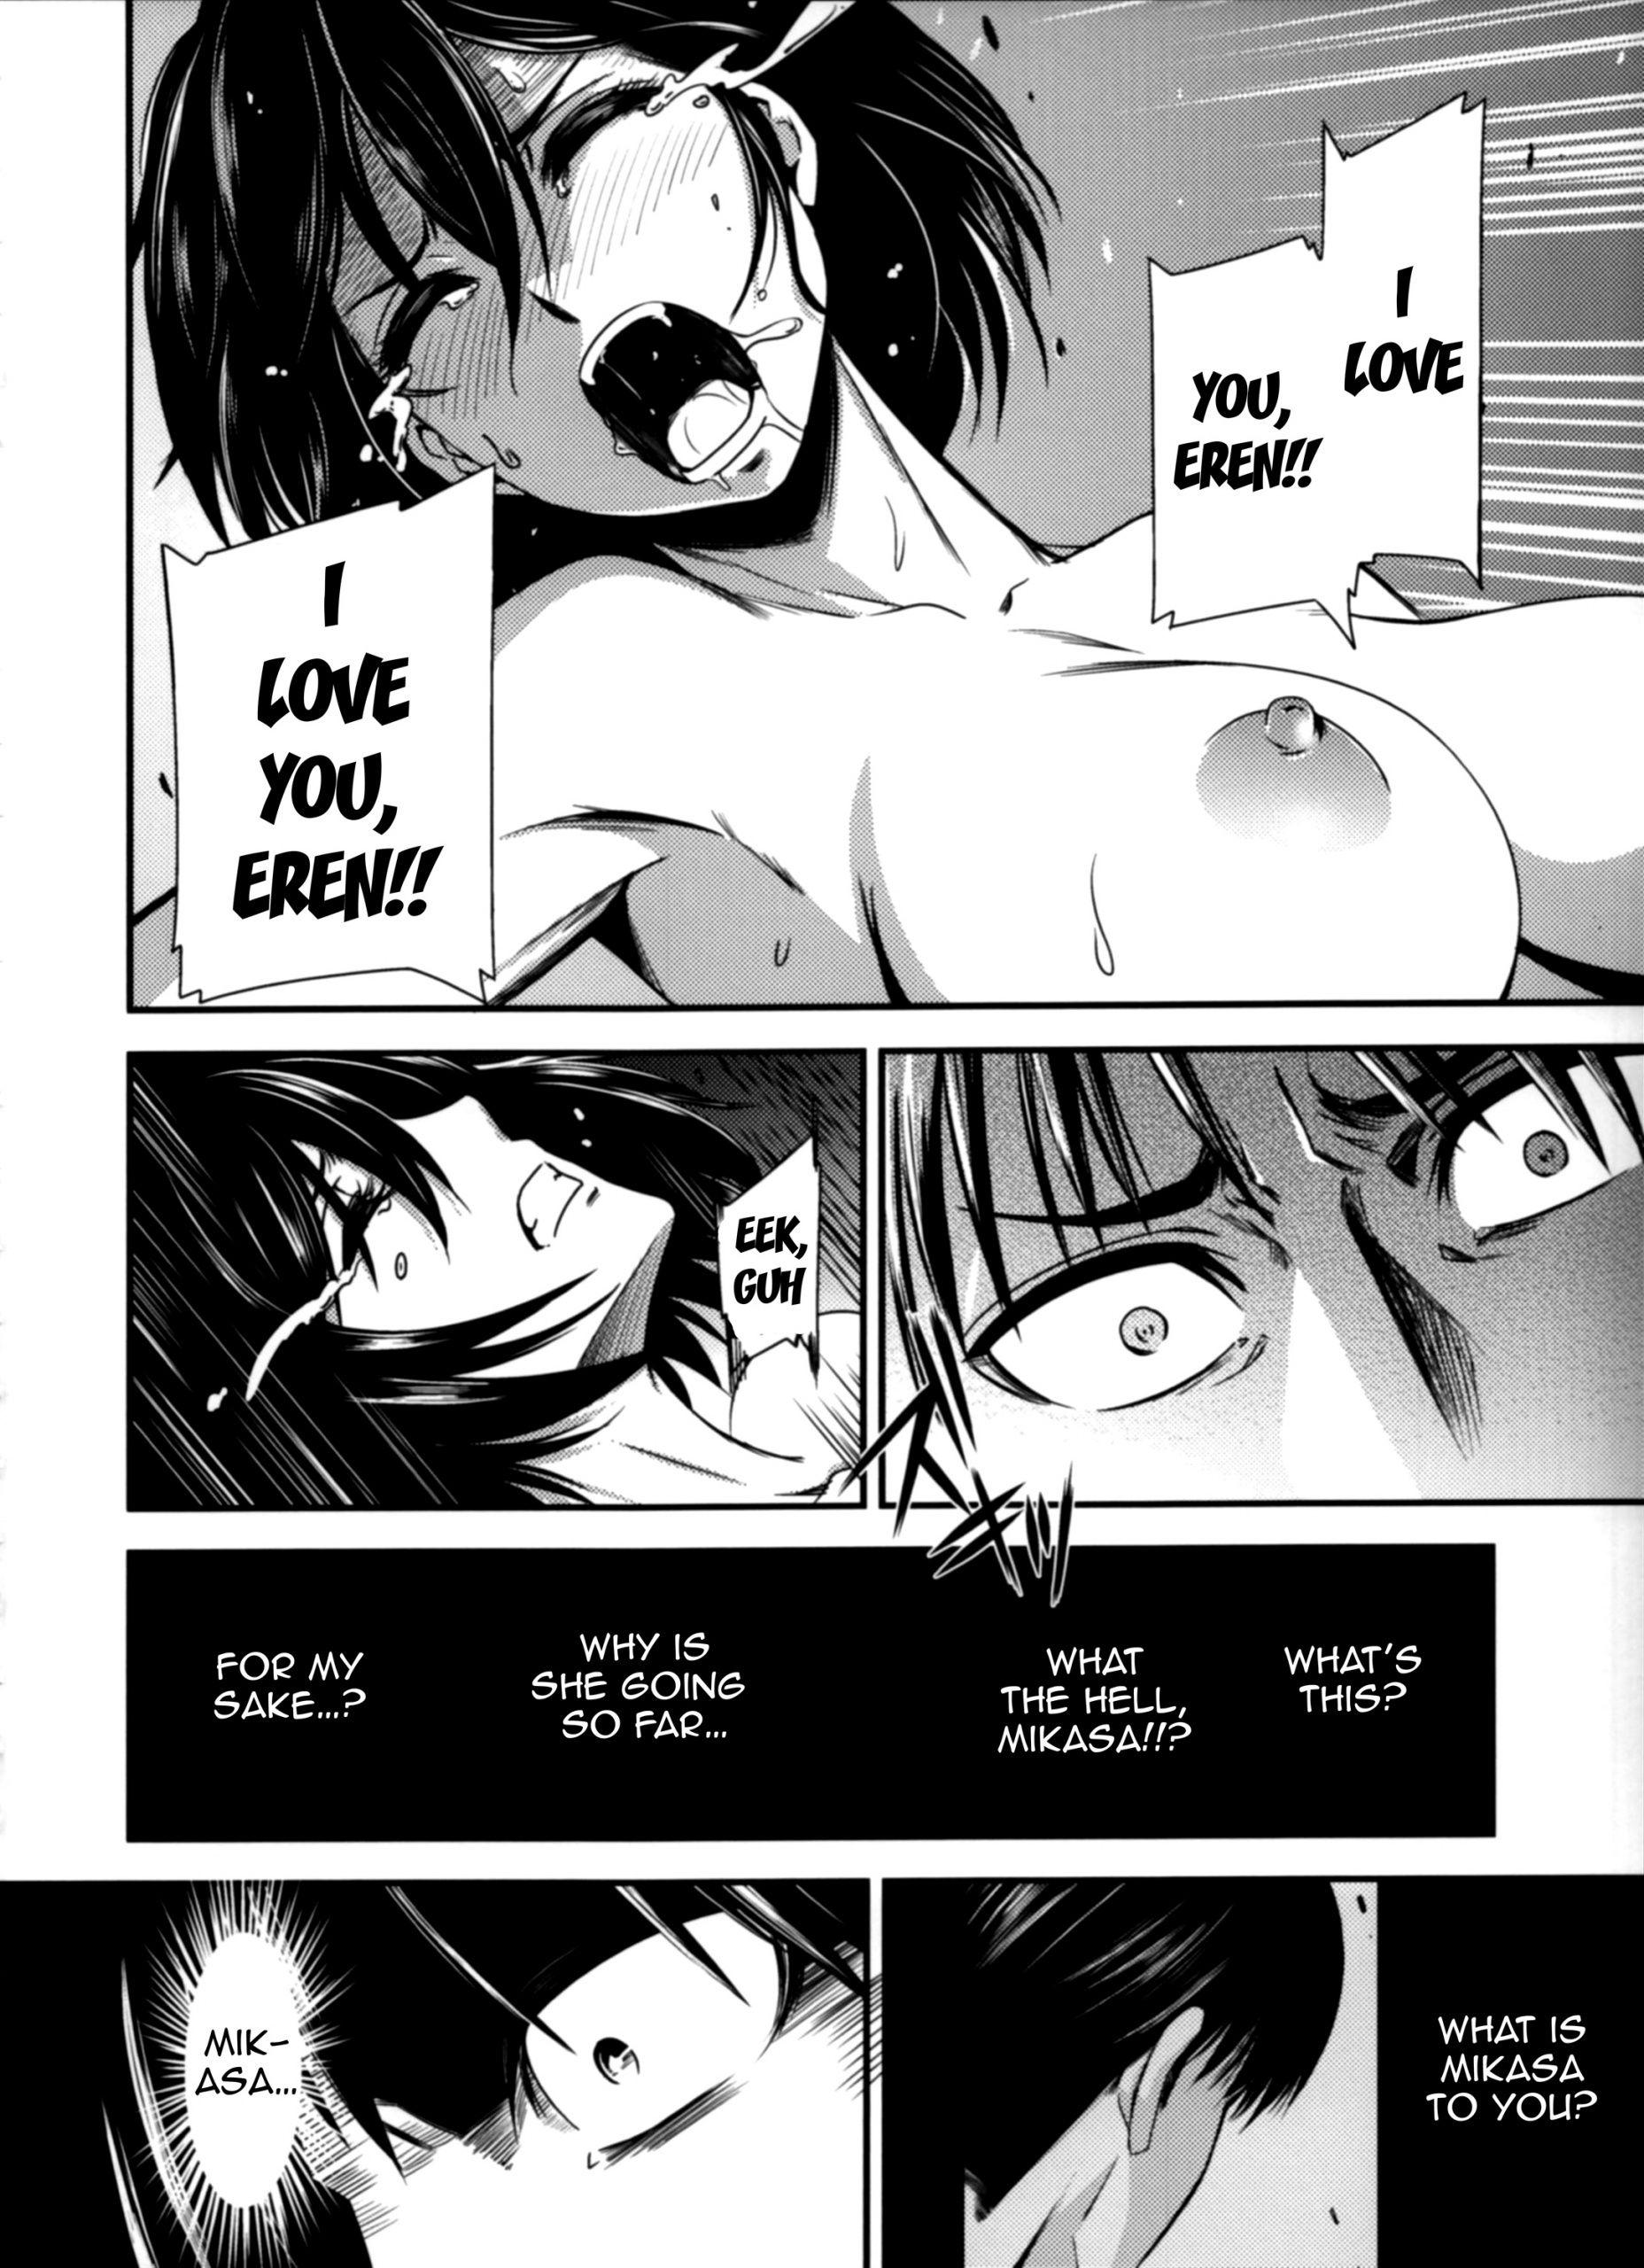 Gekishin yon hentai manga picture 33